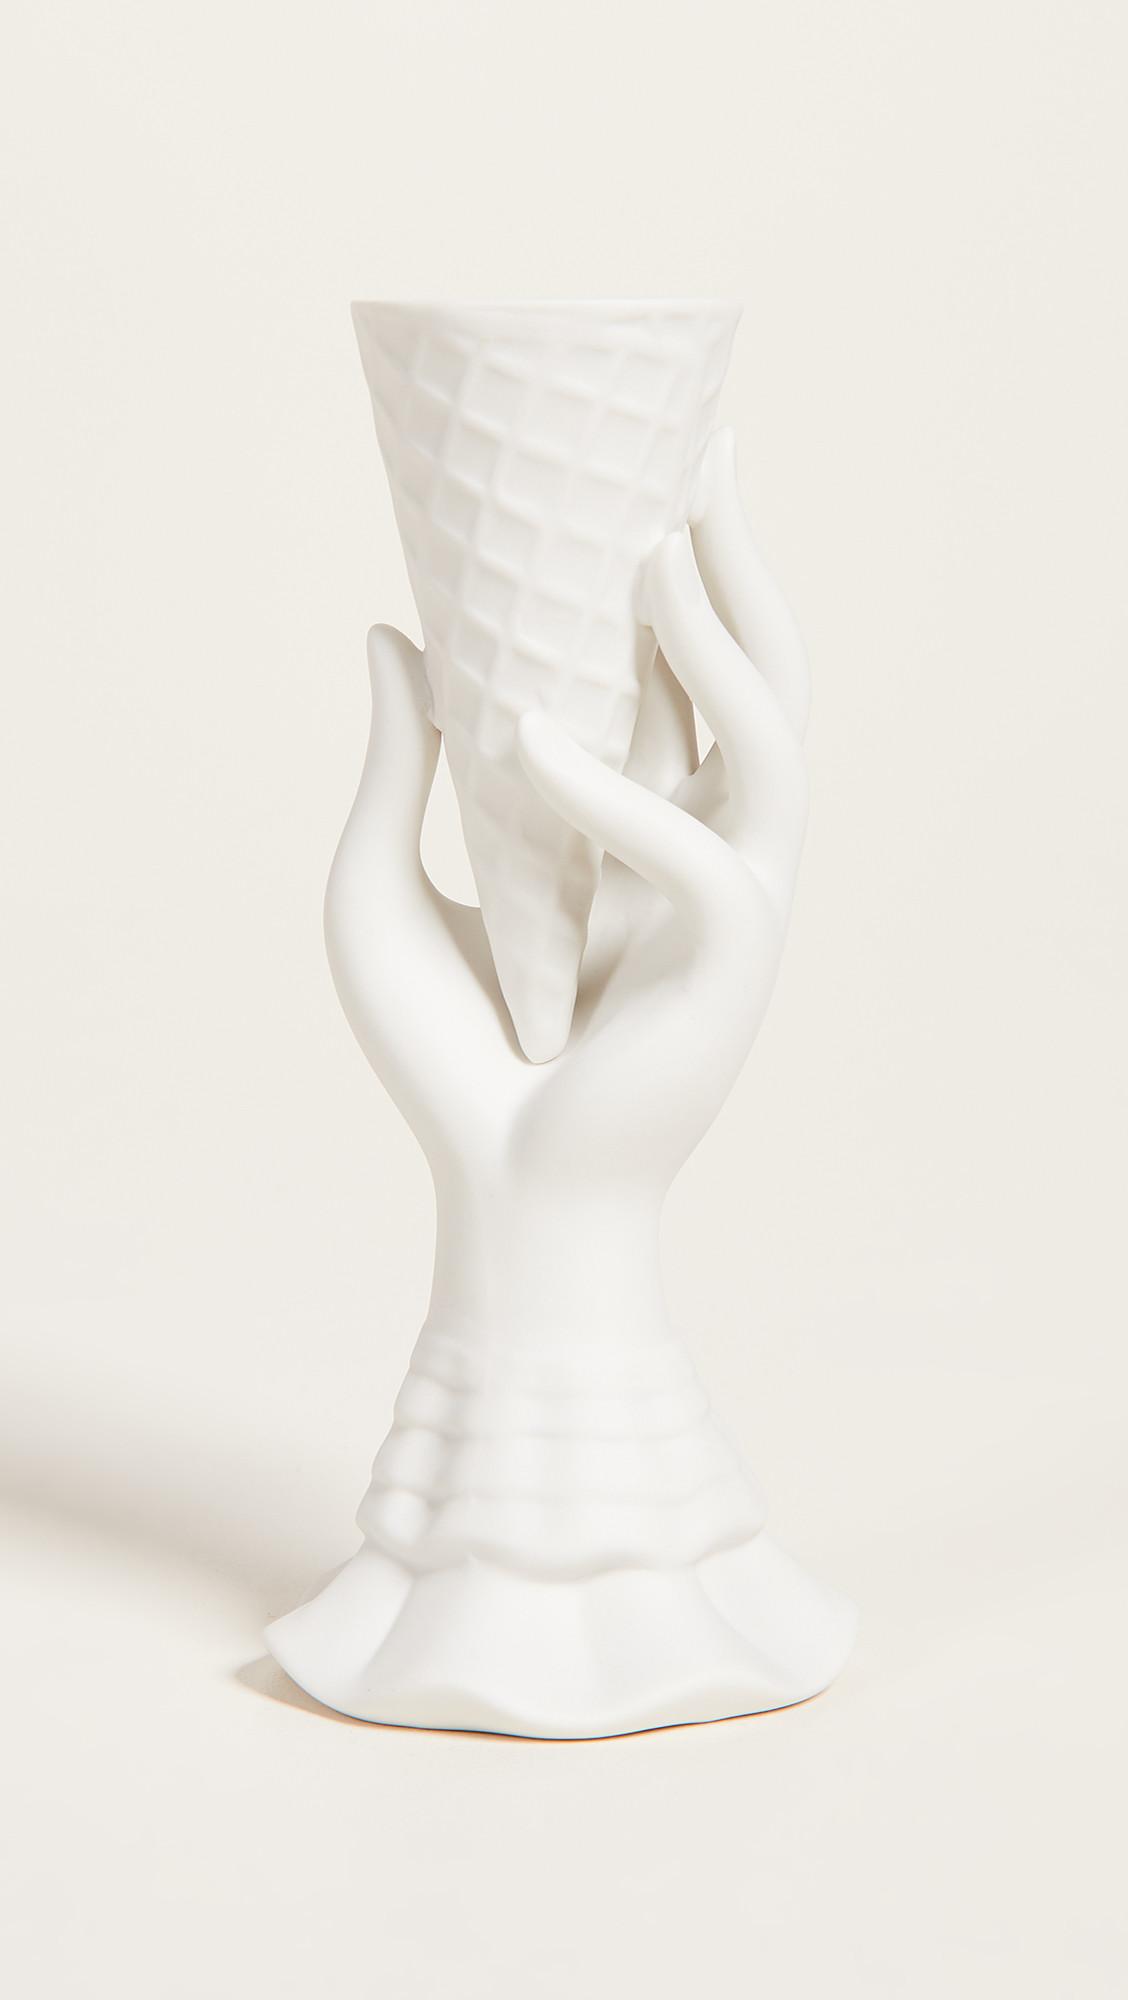 jonathan adler gala vase of jonathan adler i scream vase shopbop pertaining to adler2033912397 q1 2 0